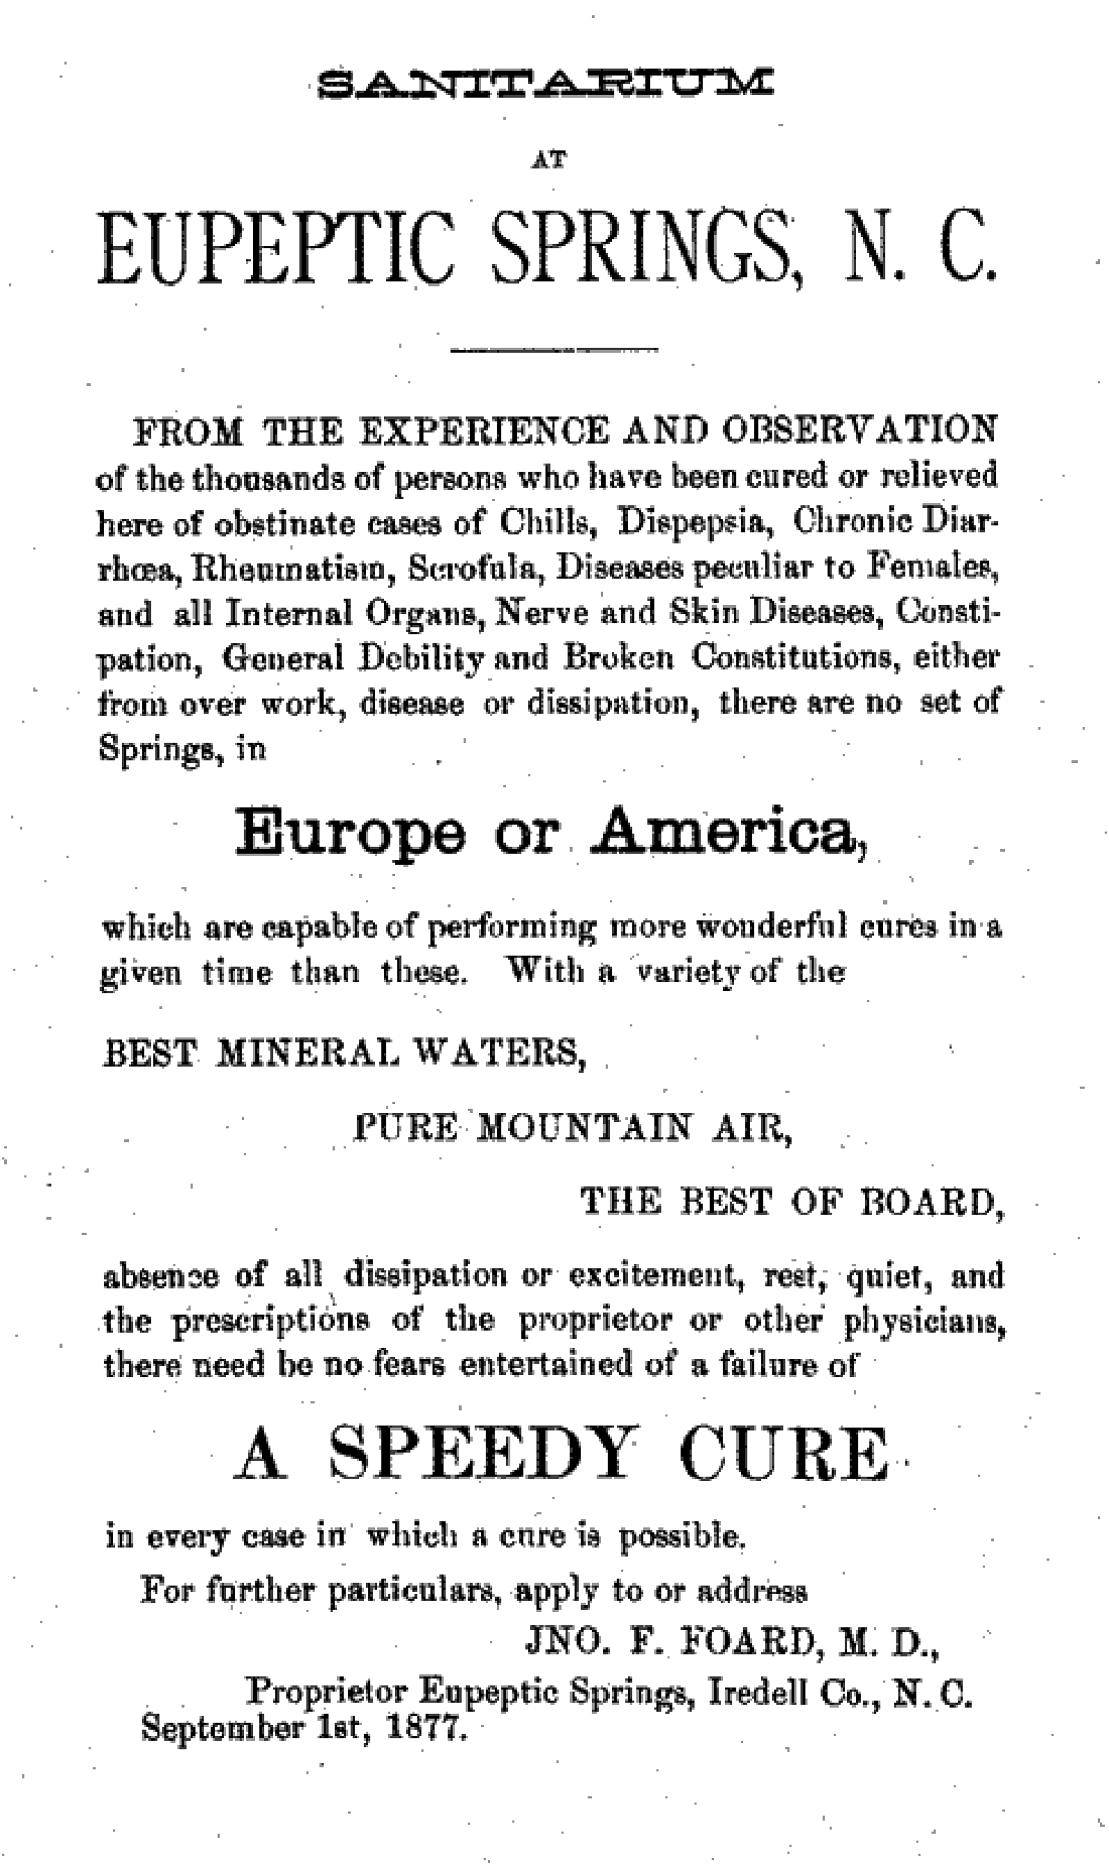 1877 Sanitarium Ad.gif